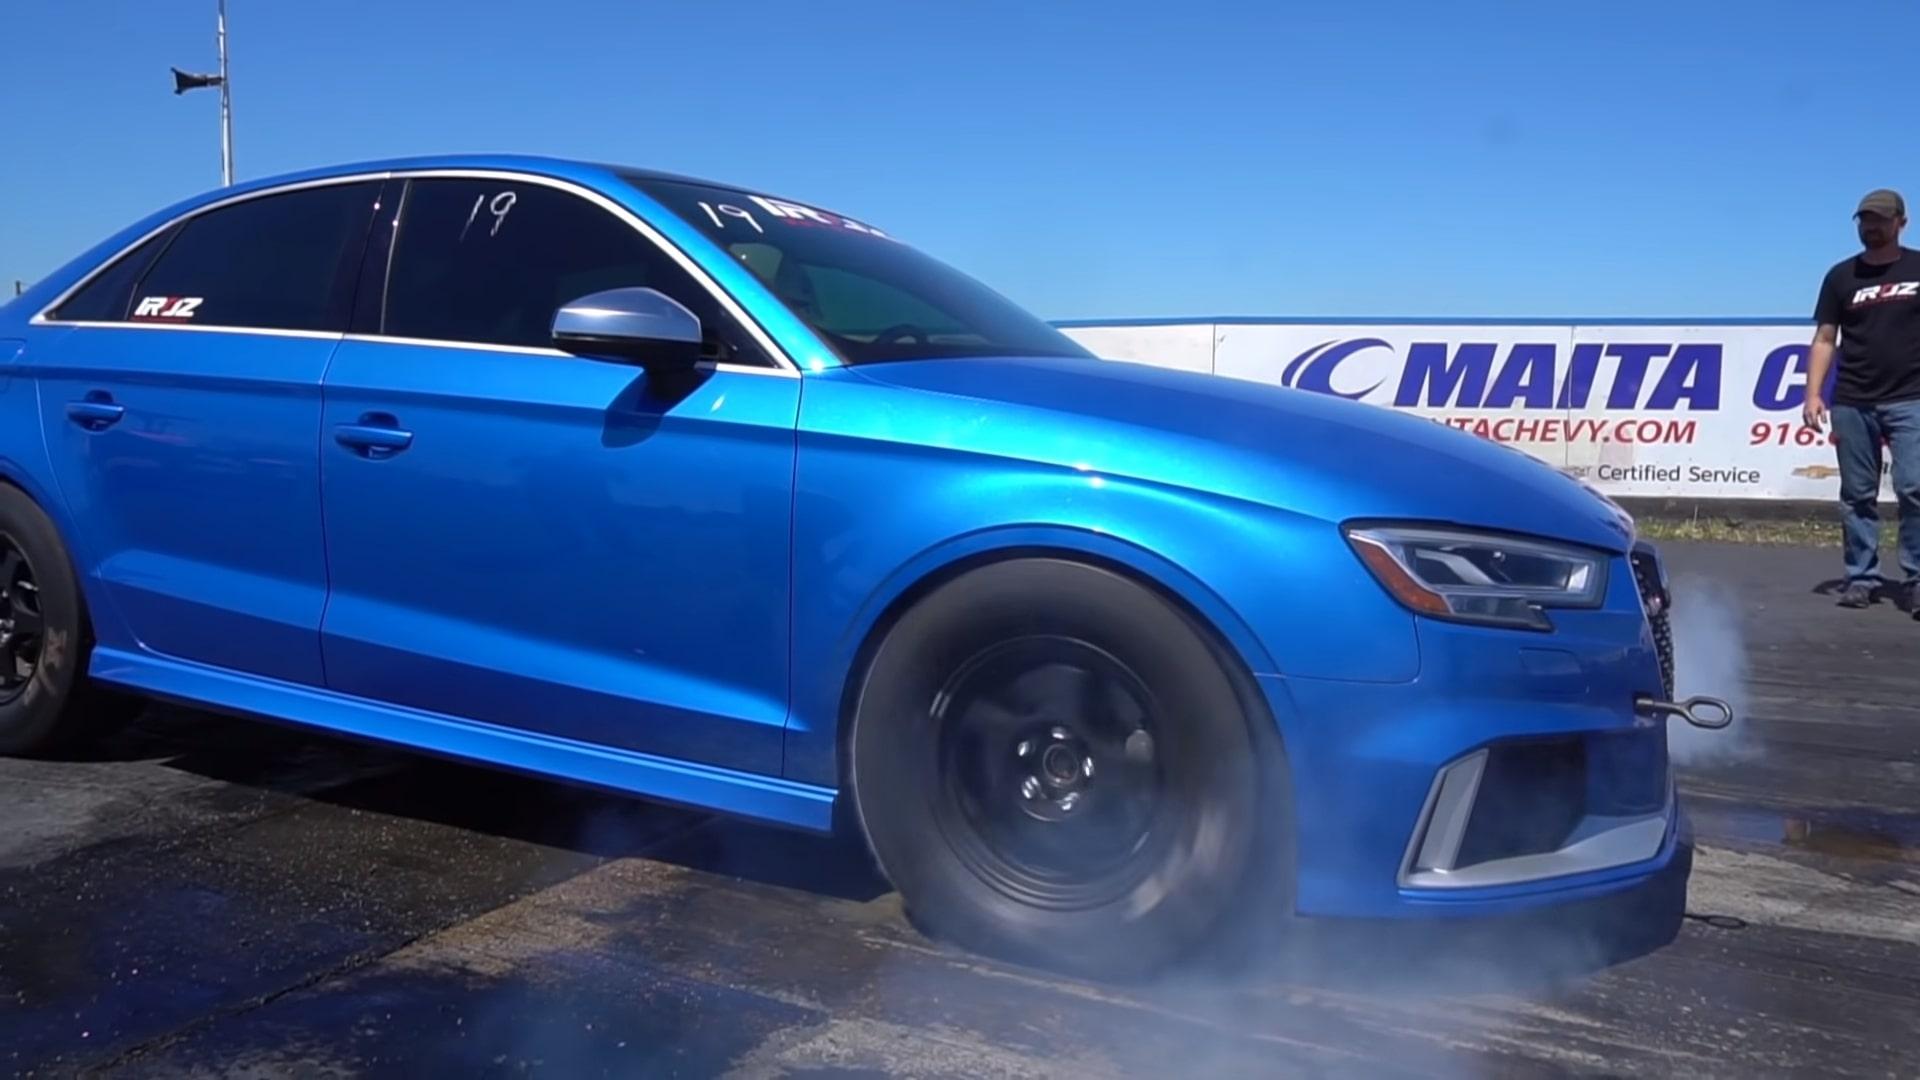 Snelste Audi RS 3 van Iroz Motorsports